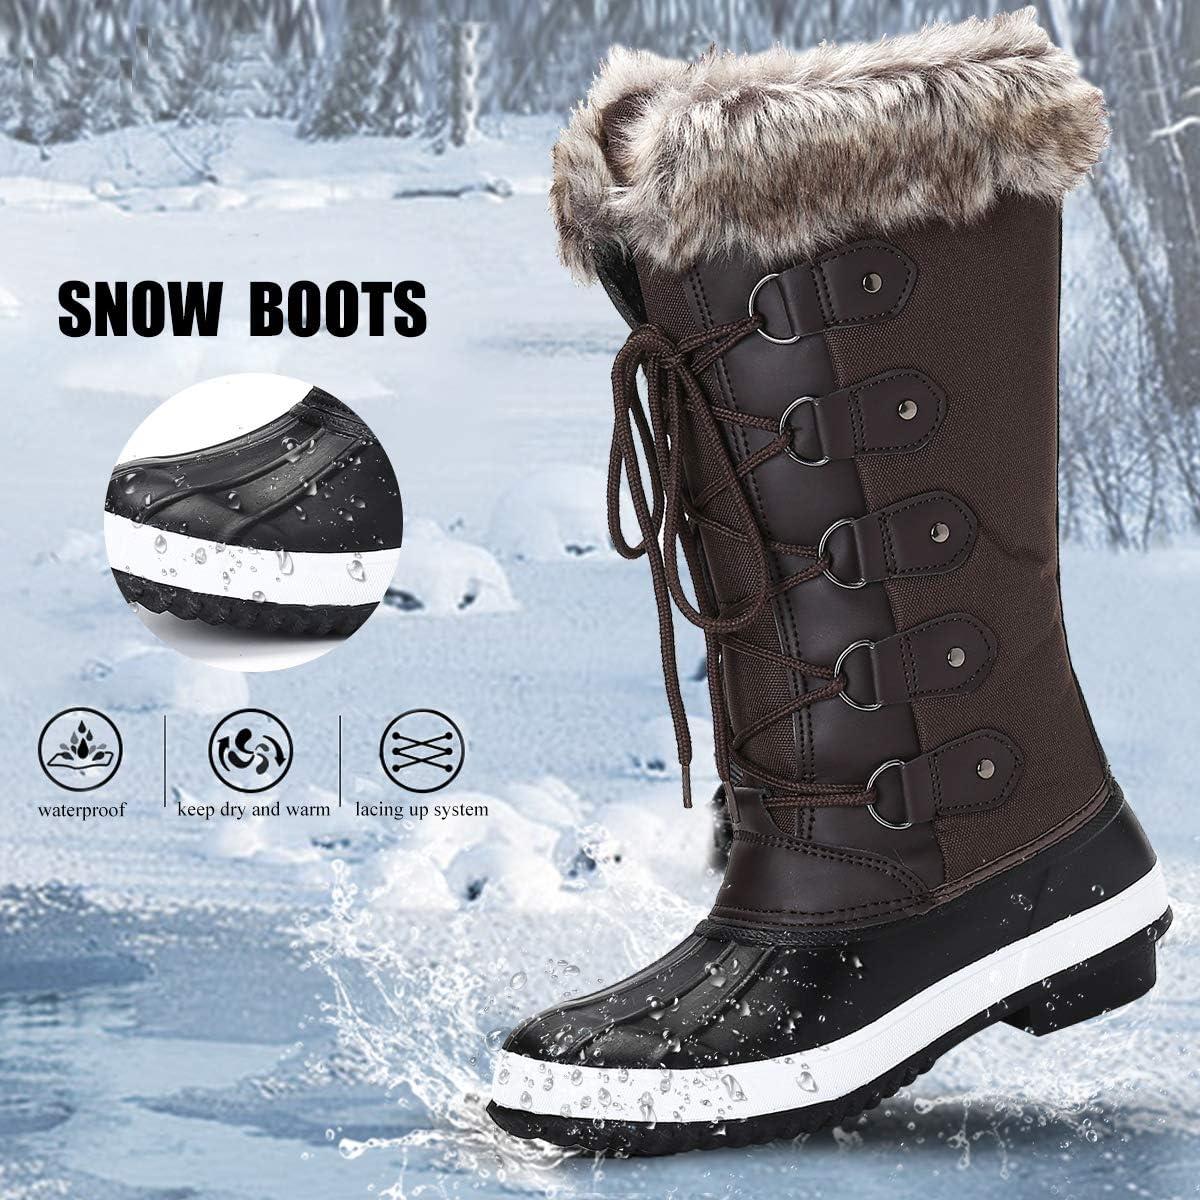 Camfosy Bottes de Neige Hiver Femmes, Bottines de Pluie imperméable Fourrure Chaussures Après Ski Fourrée Chaude pour Filles Randonnée Marche